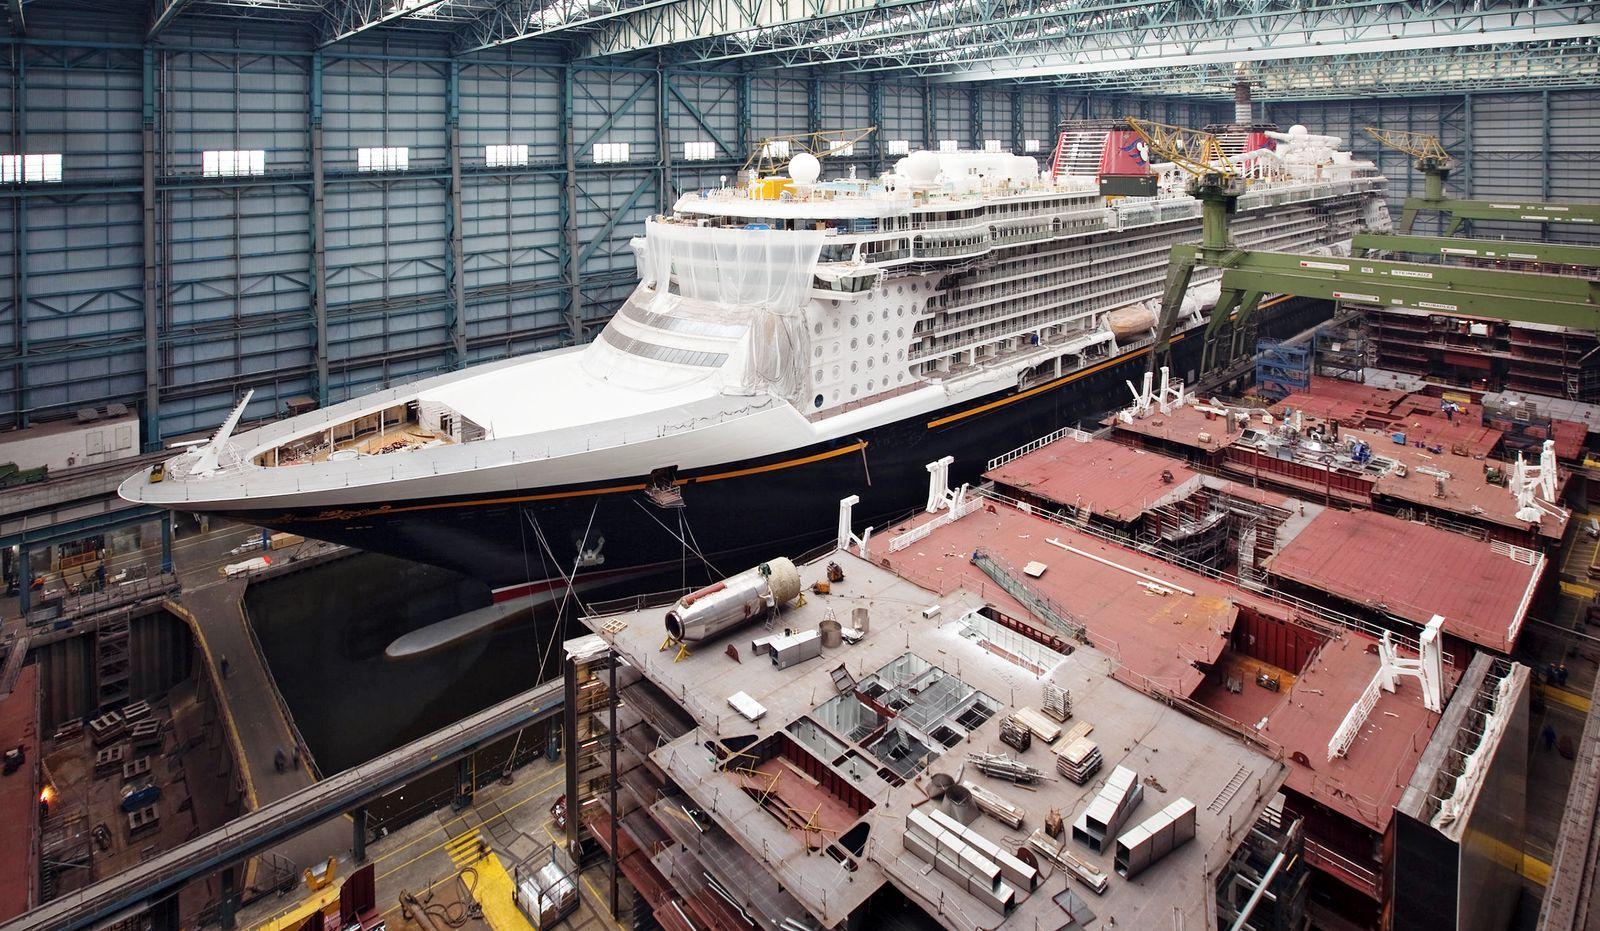 Disney Dream / Meyer Werft